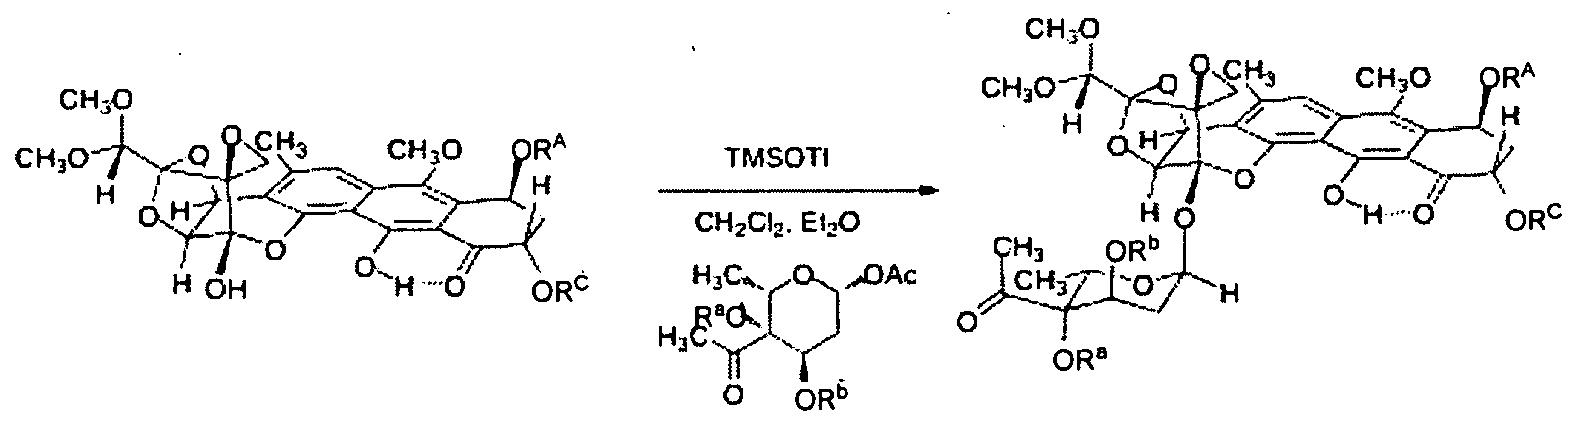 Figure imgf000156_0001